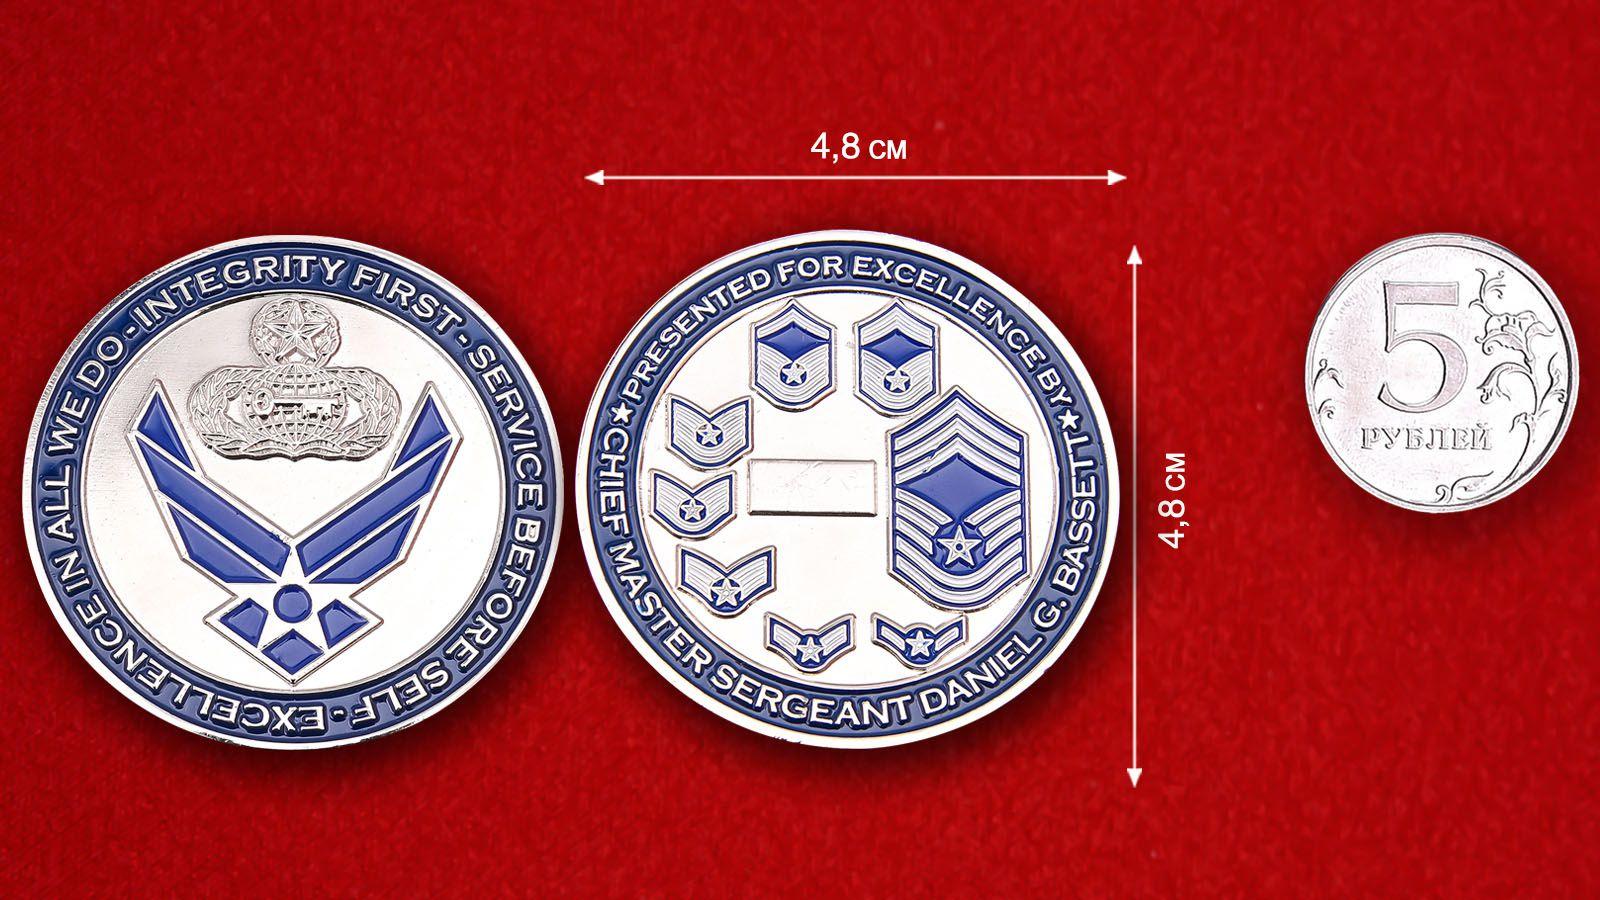 """Челлендж коин """"Главному Мастер-сержанту ВВС США Даниэлю Г. Бассету за отличную службу""""  - сравнительный размер"""